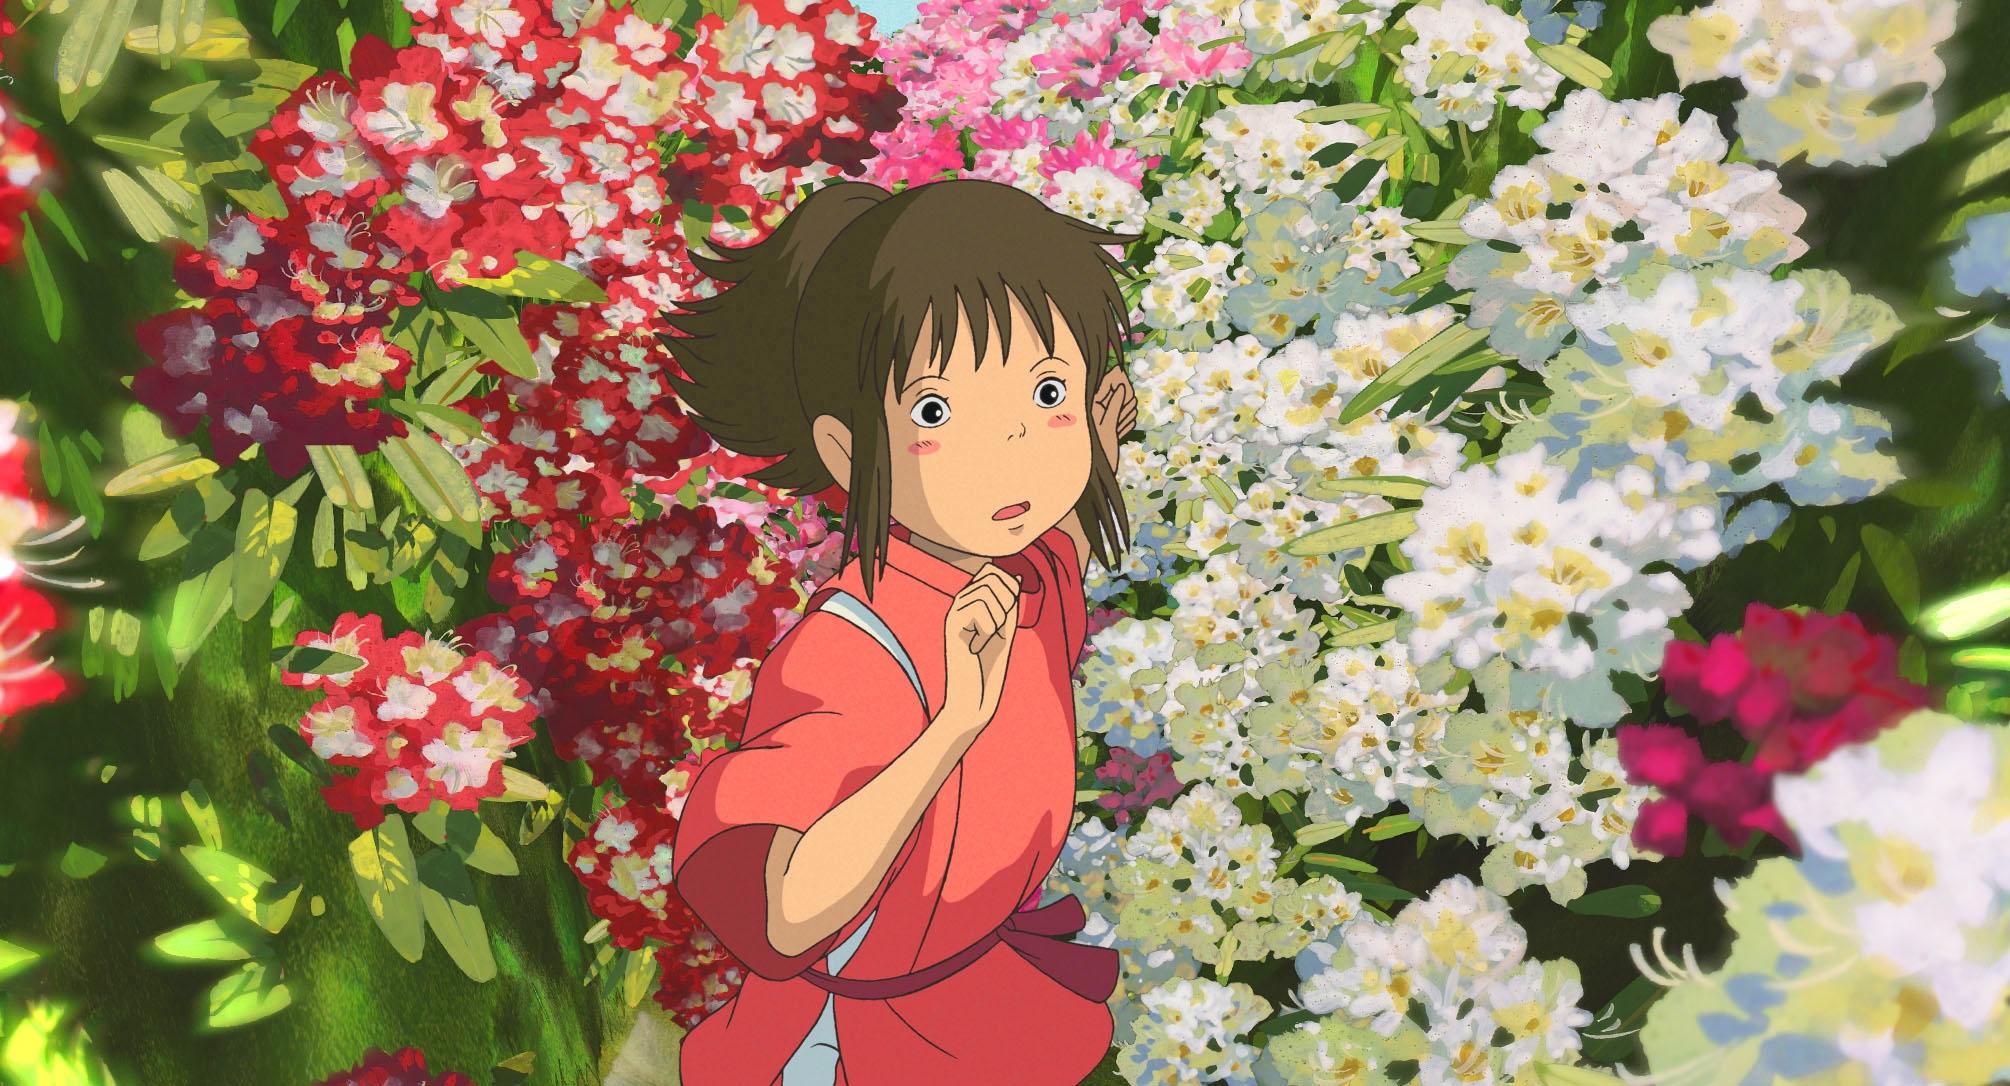 Chihiro 2001